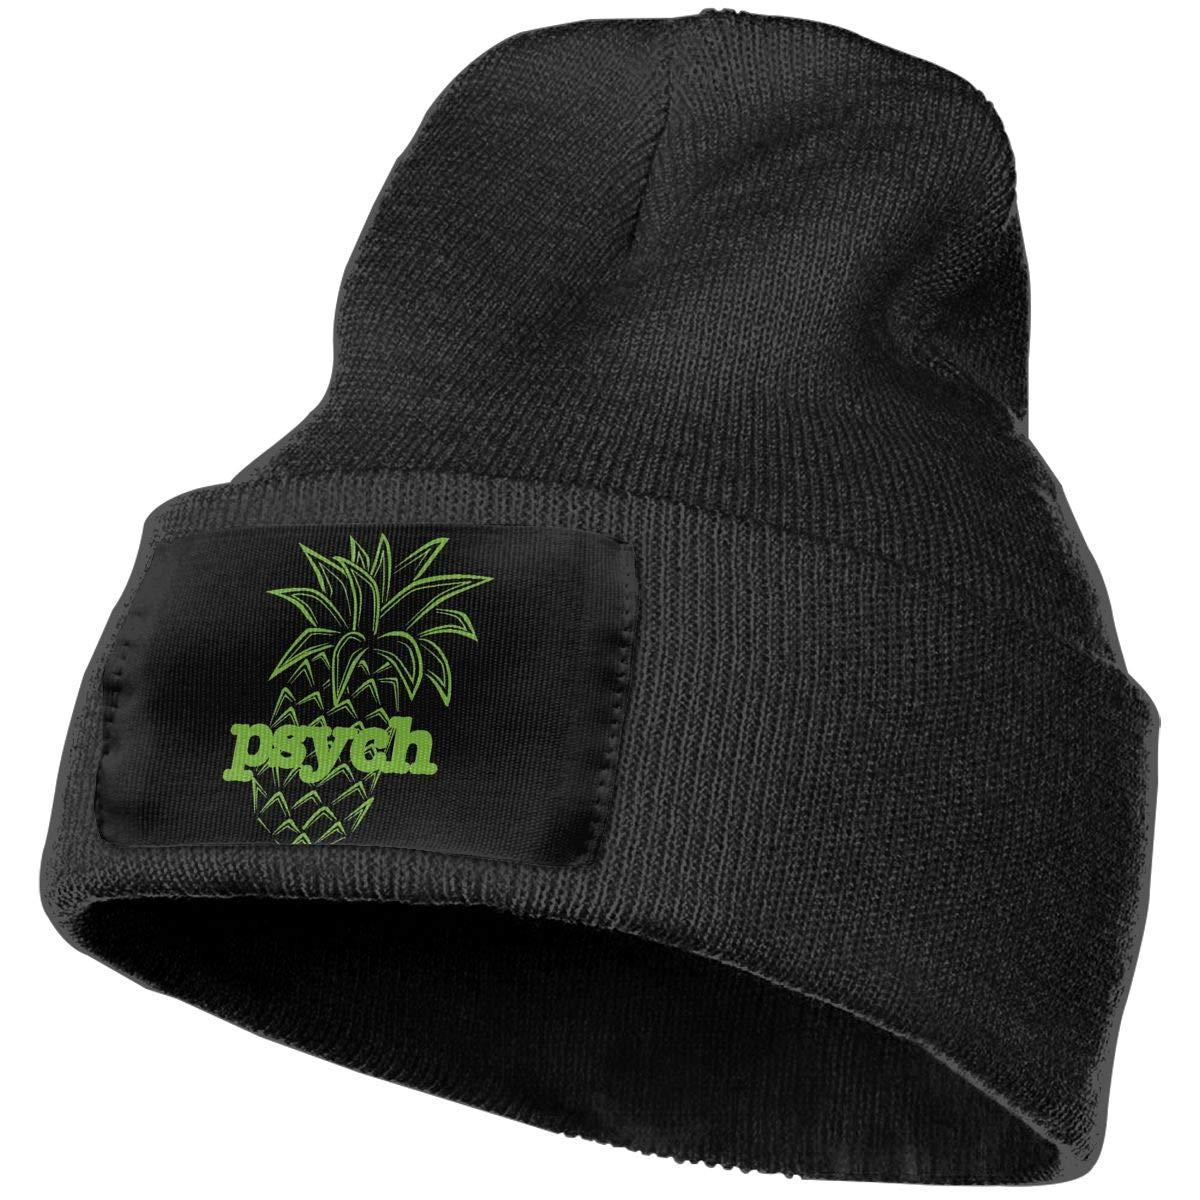 SLADDD1 Psych Pineapple Warm Winter Hat Knit Beanie Skull Cap Cuff Beanie Hat Winter Hats for Men /& Women